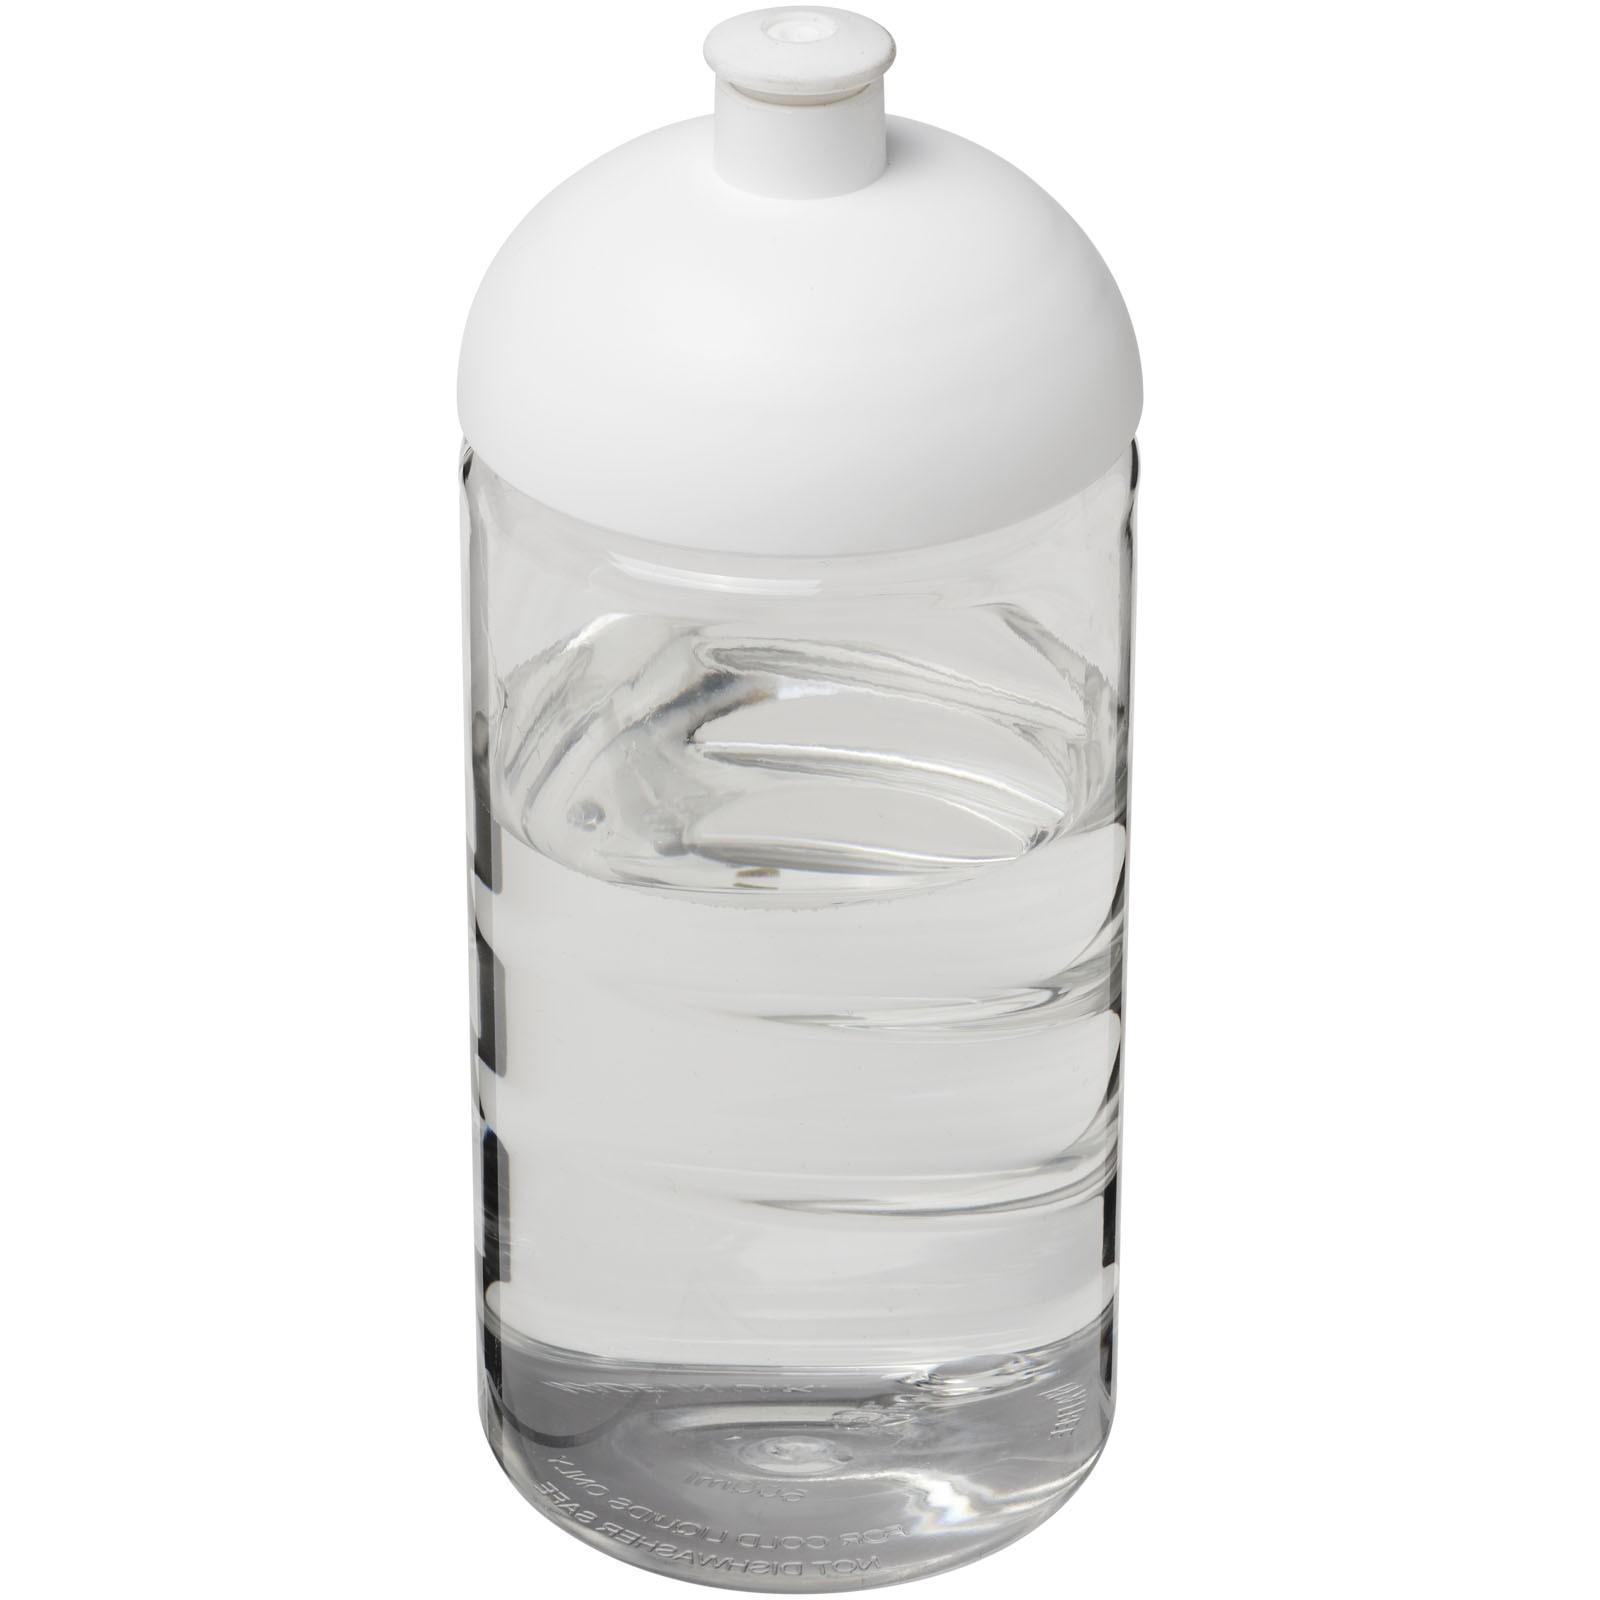 Láhev s kupolovitým víčkem H2O Bop® 500 ml - Průhledná / Bílá